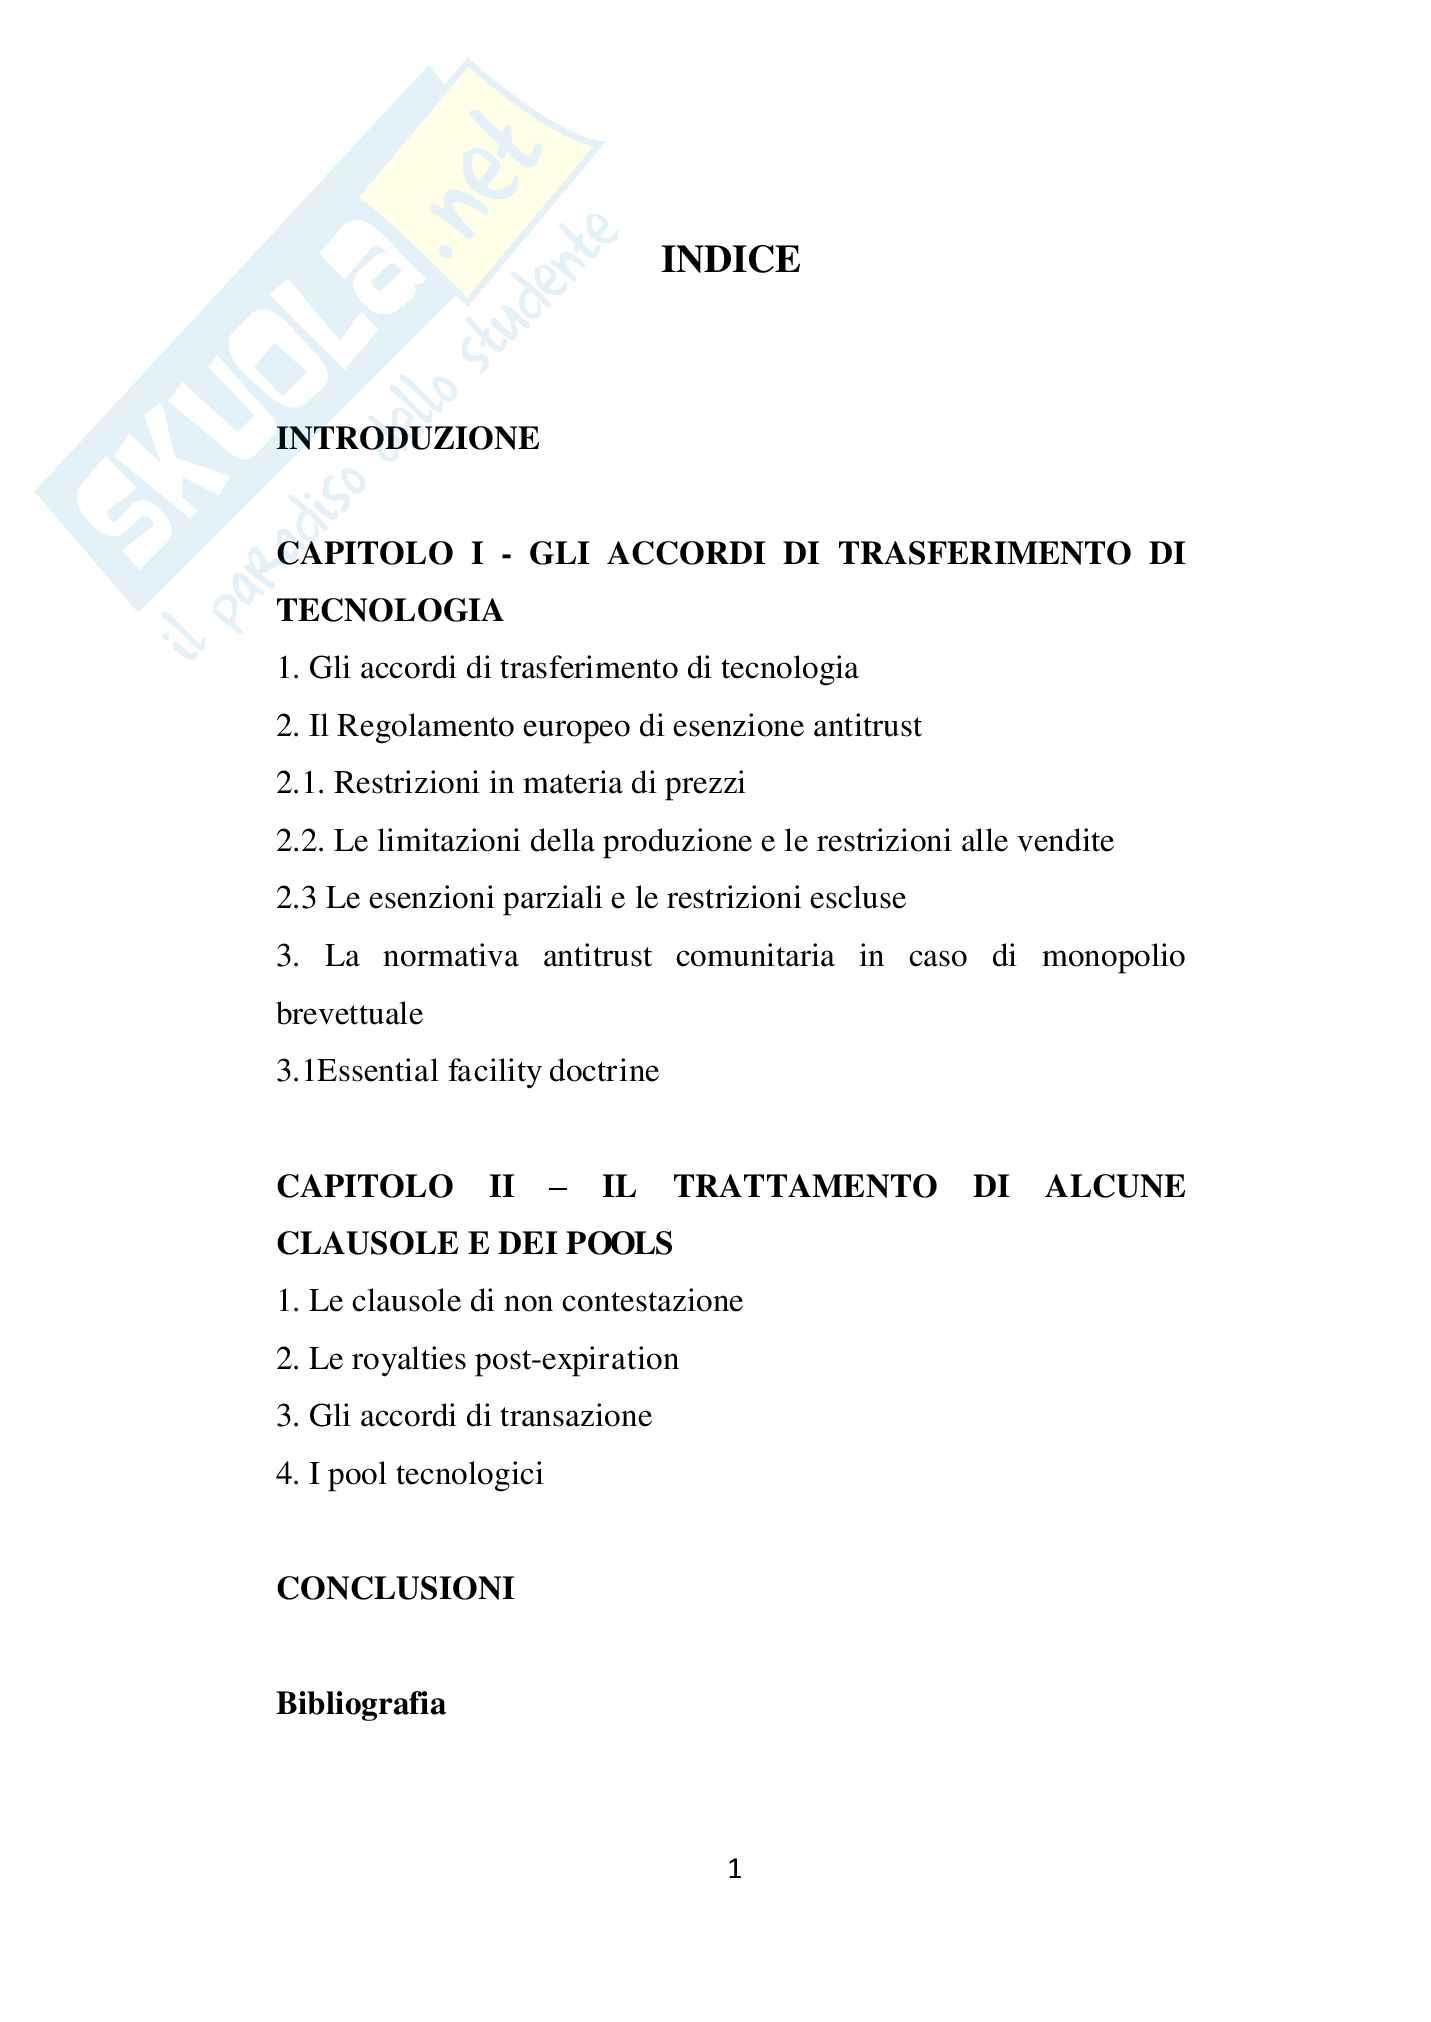 Gli accordi di trasferimento di tecnologia